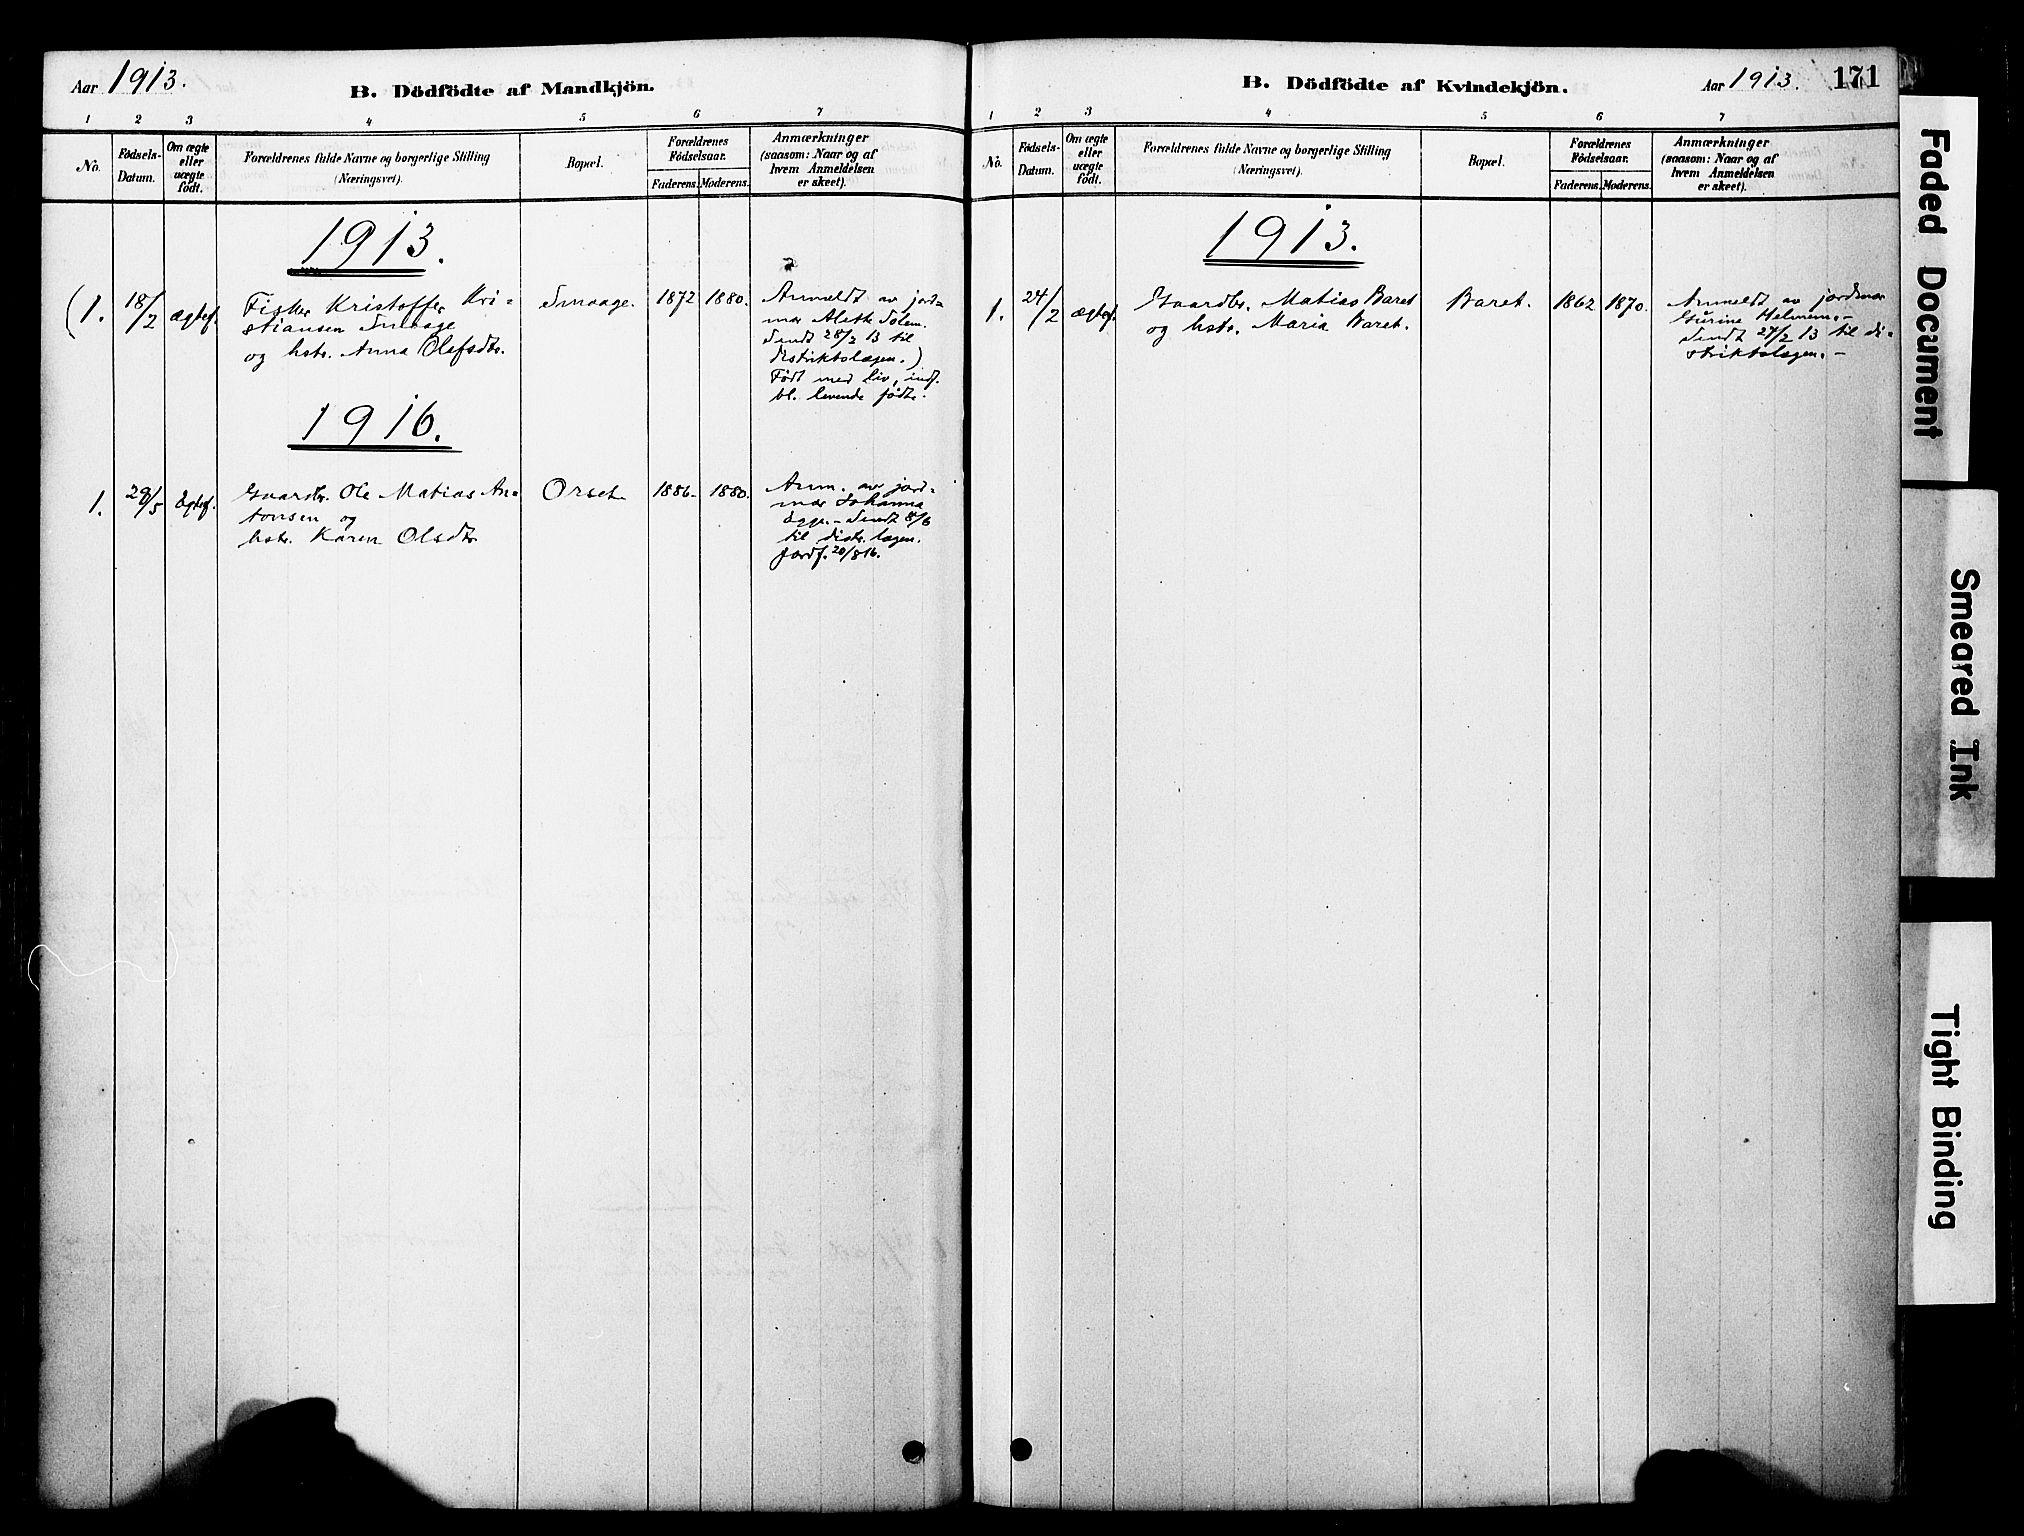 SAT, Ministerialprotokoller, klokkerbøker og fødselsregistre - Møre og Romsdal, 560/L0721: Ministerialbok nr. 560A05, 1878-1917, s. 171